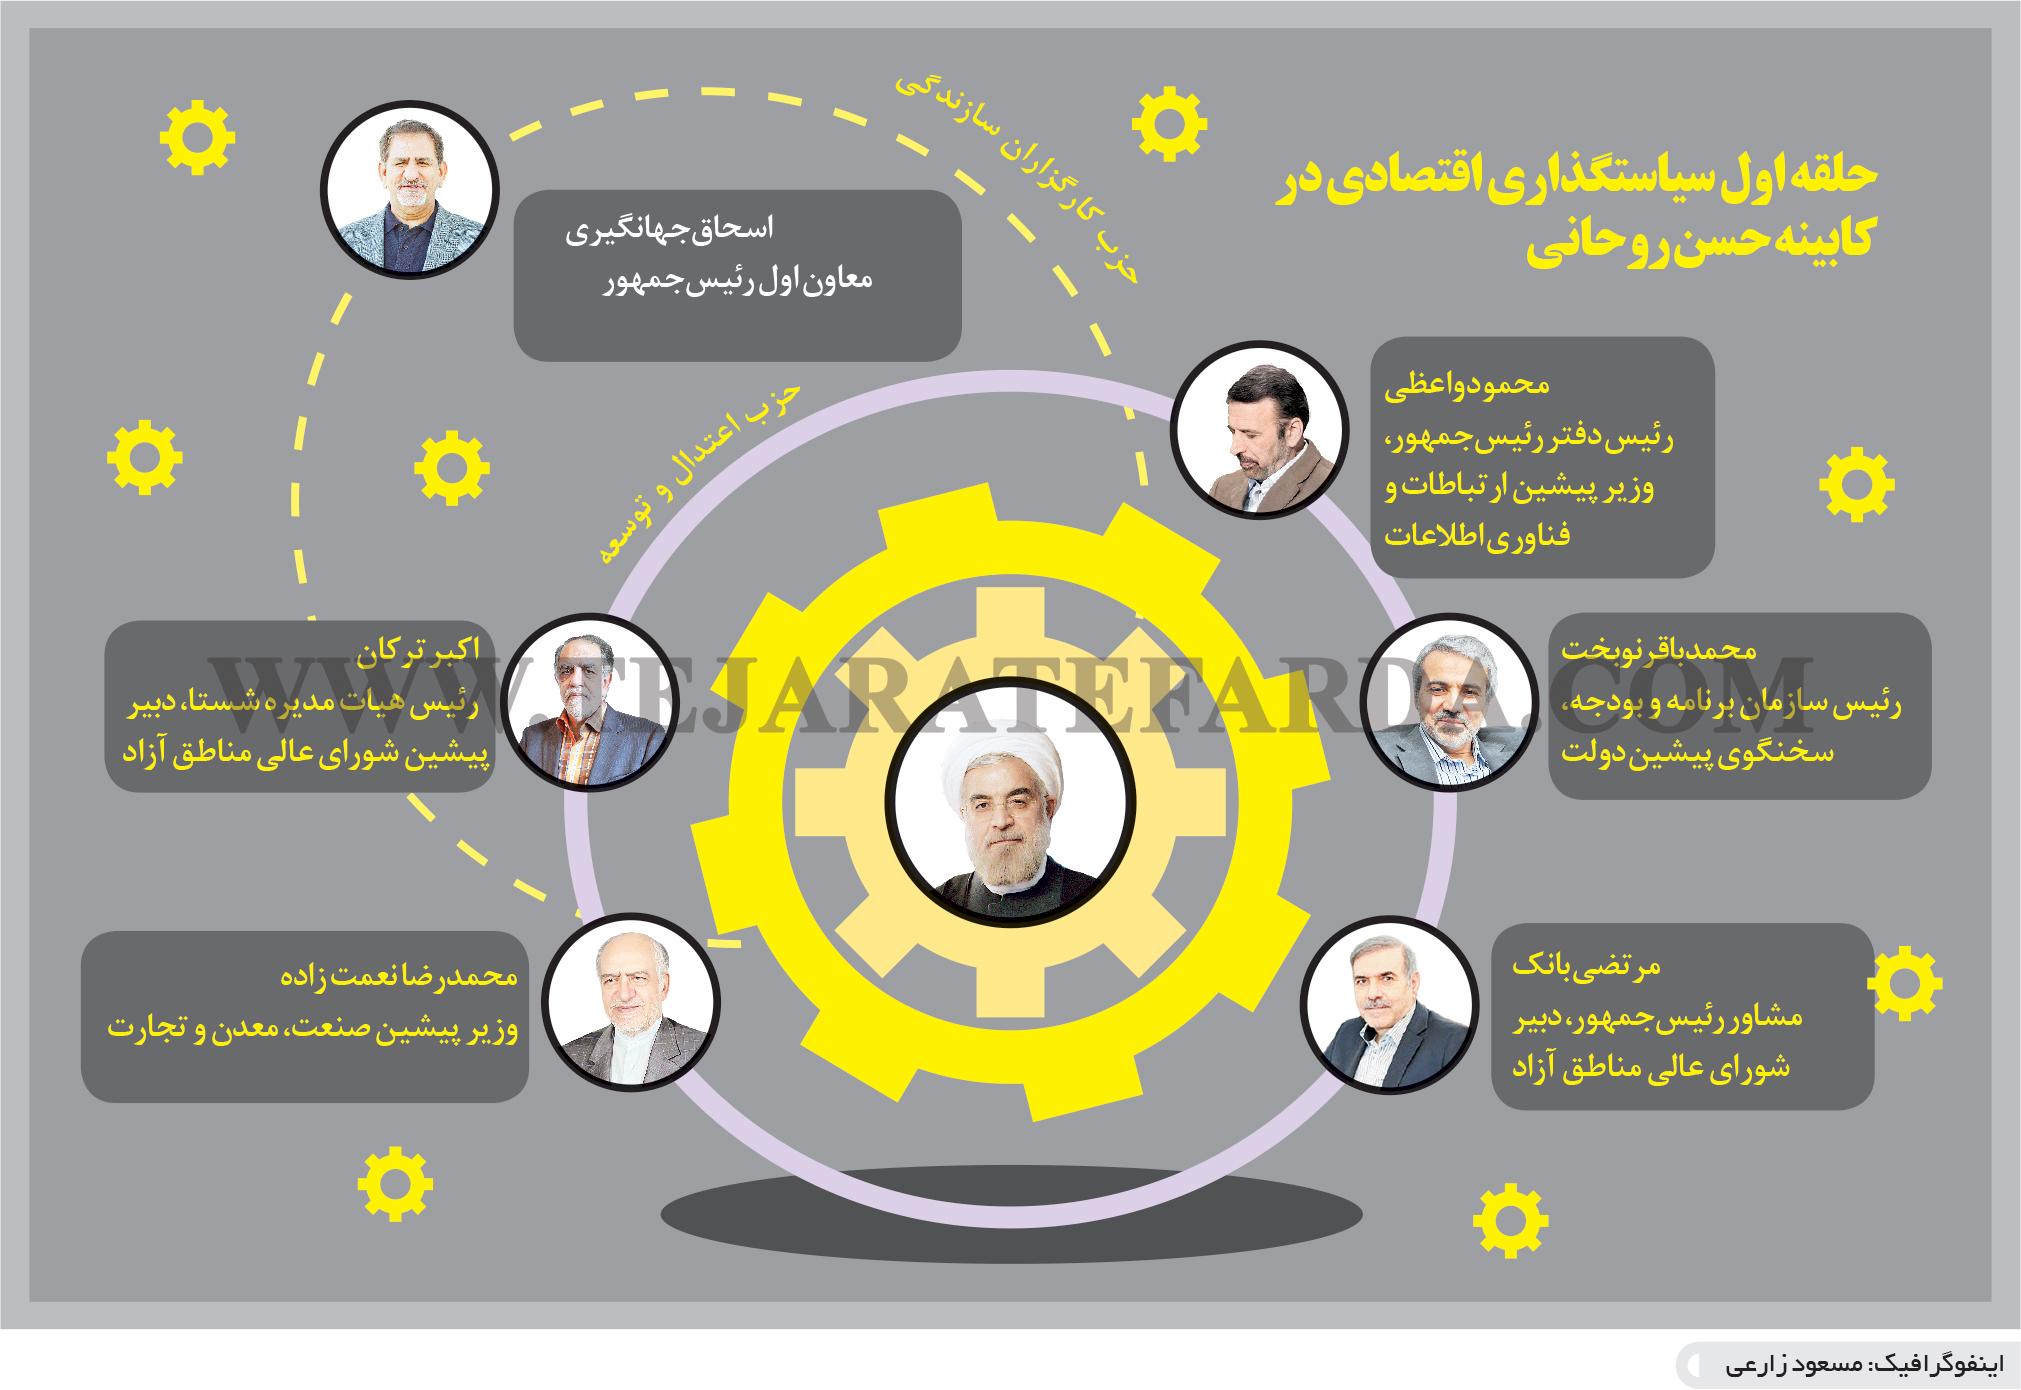 تجارت فردا- اینفوگرافیک- حلقه اول سیاستگذاری اقتصادی در کابینه حسن روحانی